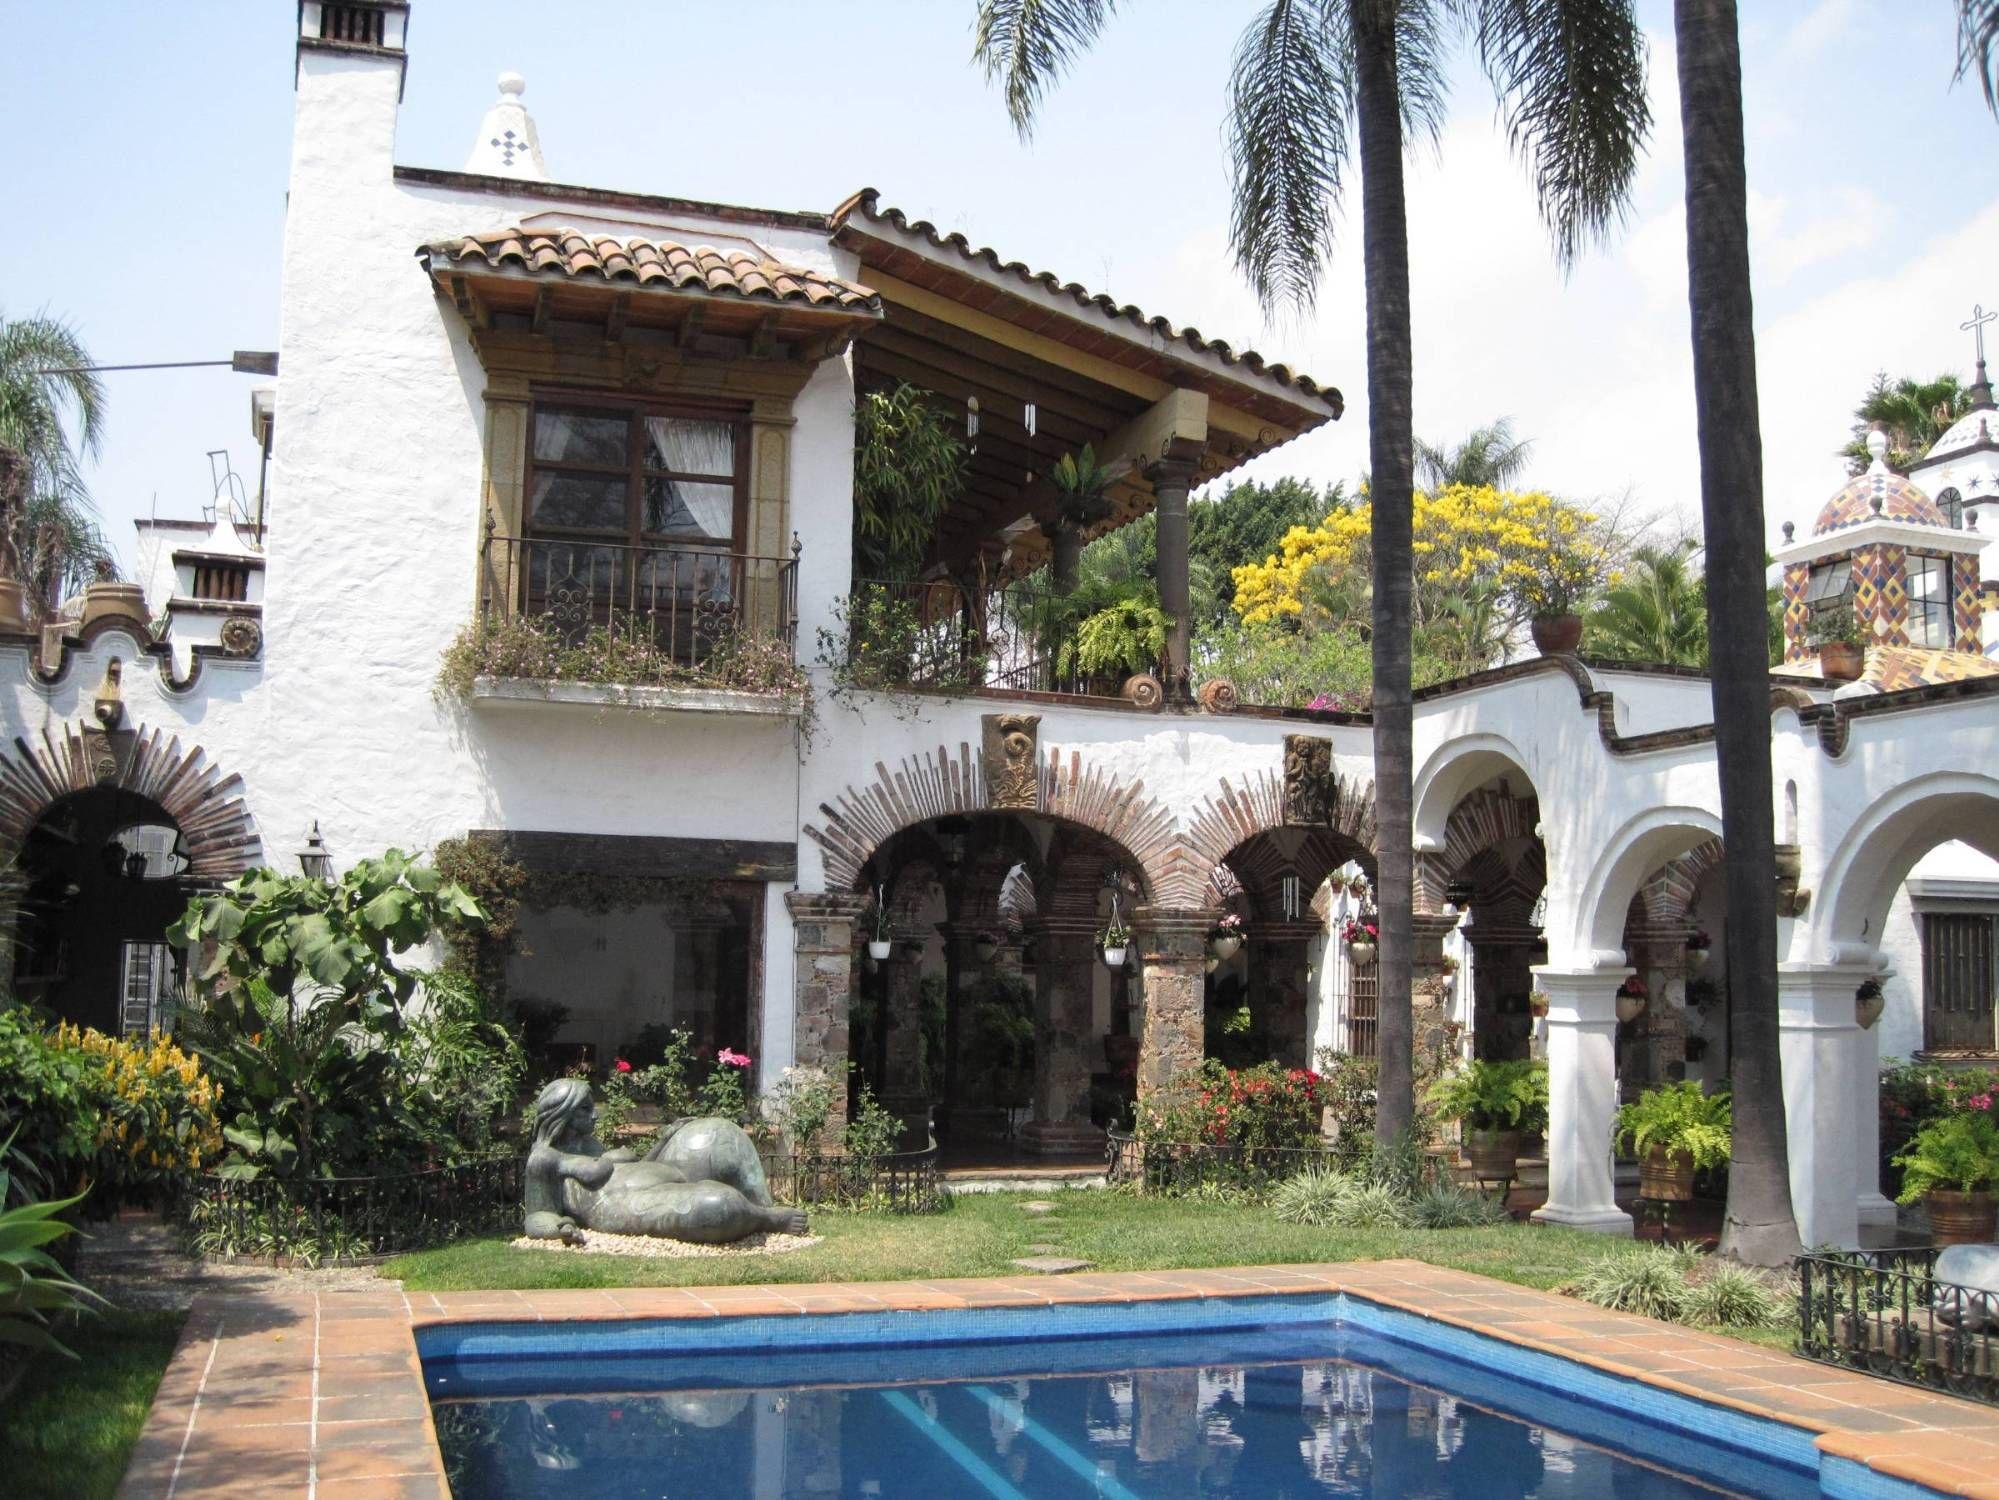 casas estilo colonial mexicanas - Pesquisa Google | Mi casa ...